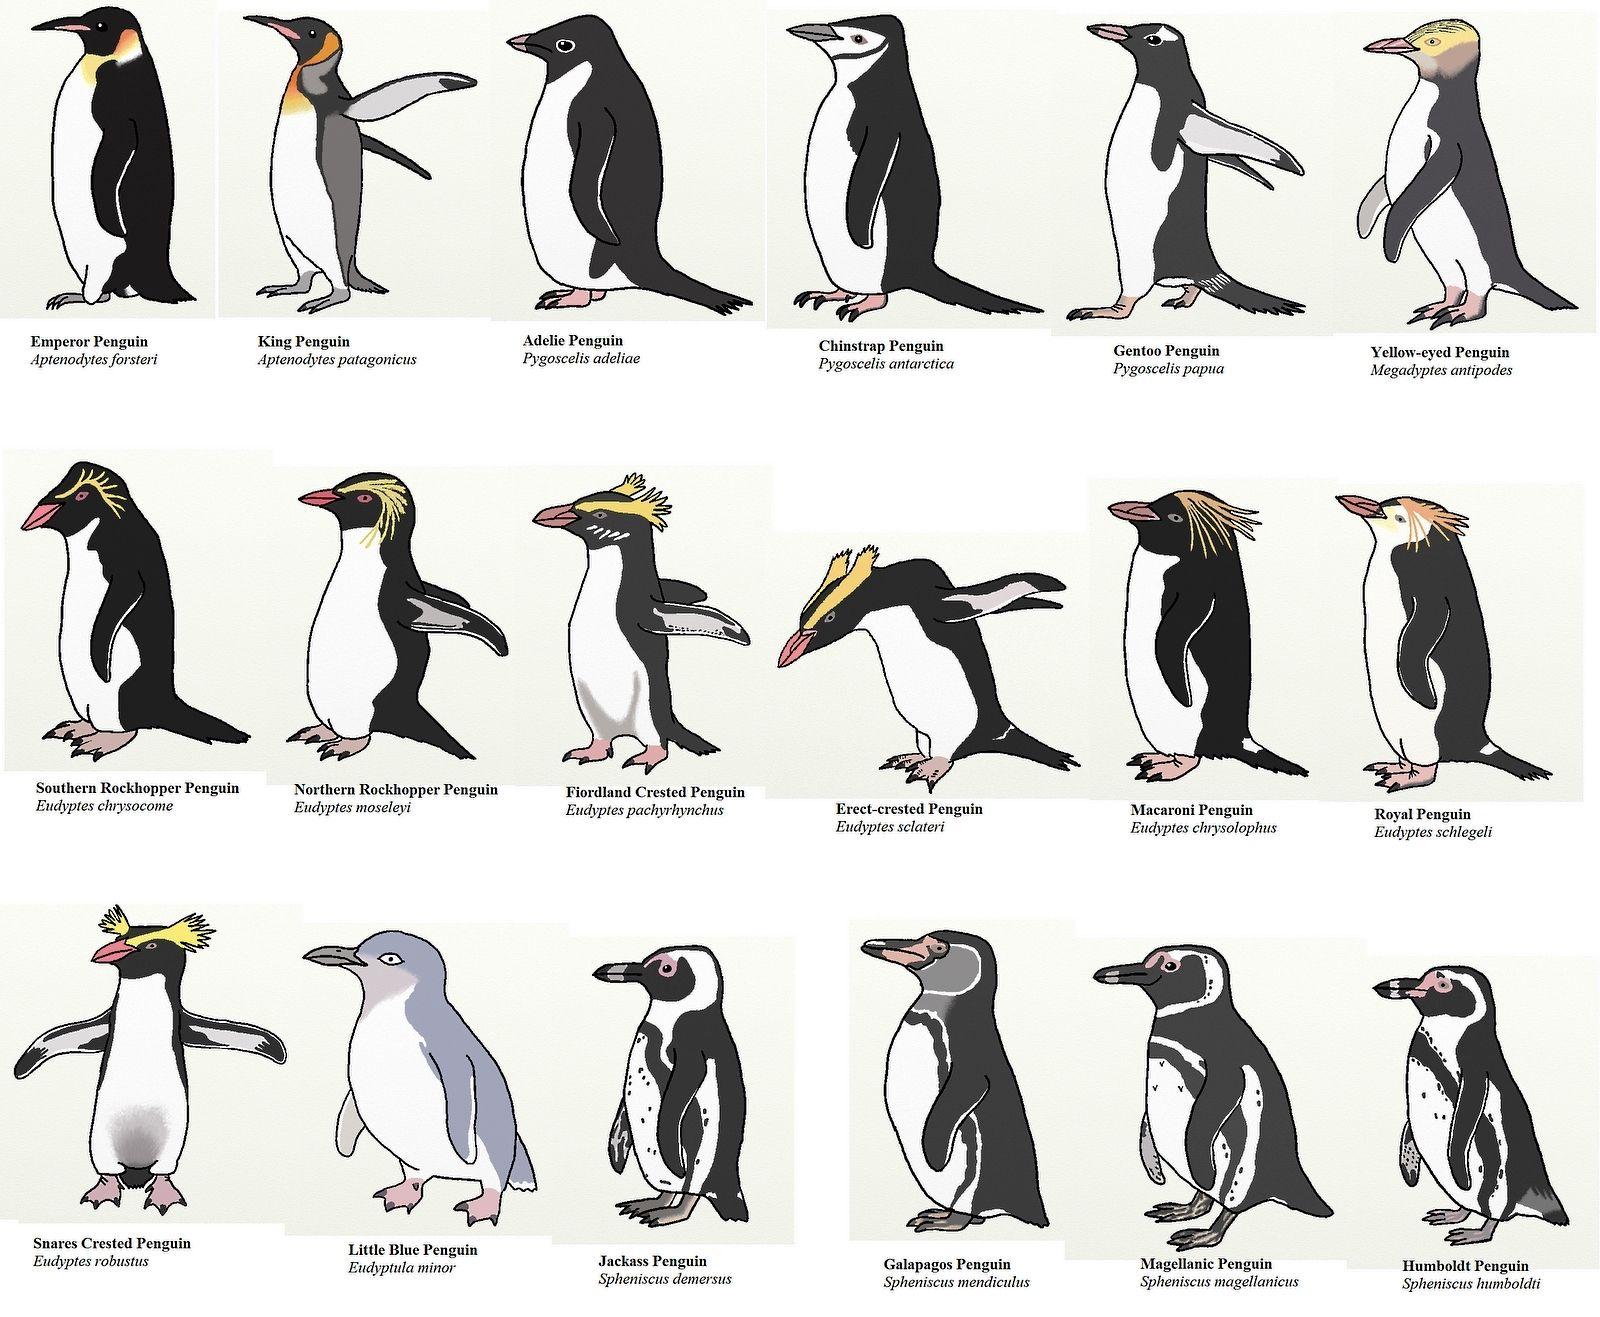 18 especies de pinguinos | Aves I | Pinterest | Especies de ...